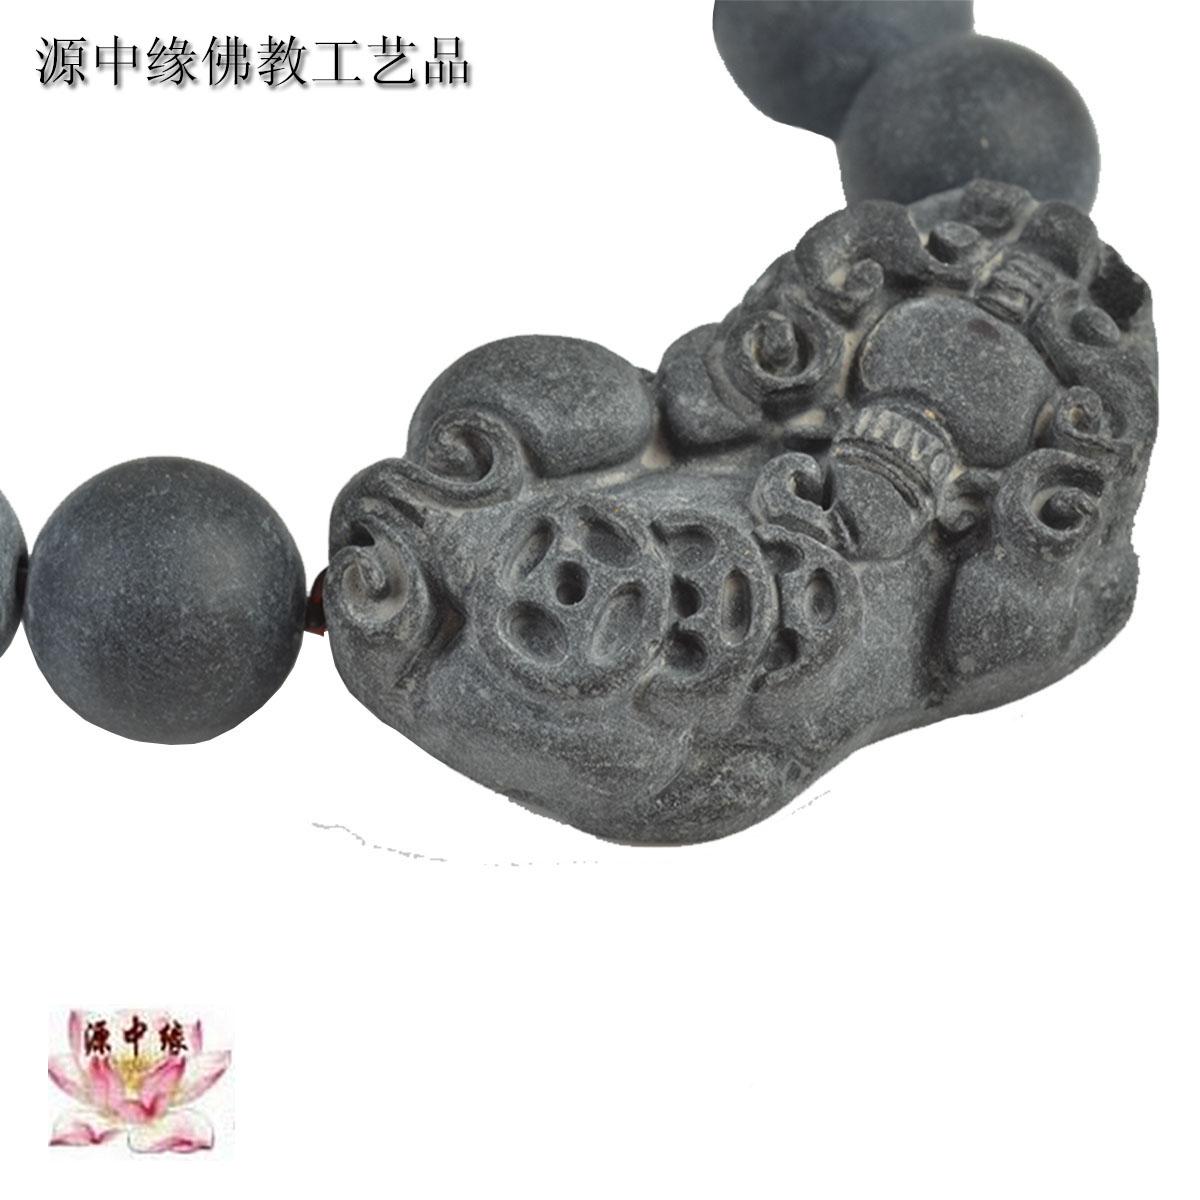 保健 砭石佛珠带貔貅手链 佛教开光天然砭石貔貅手串手链